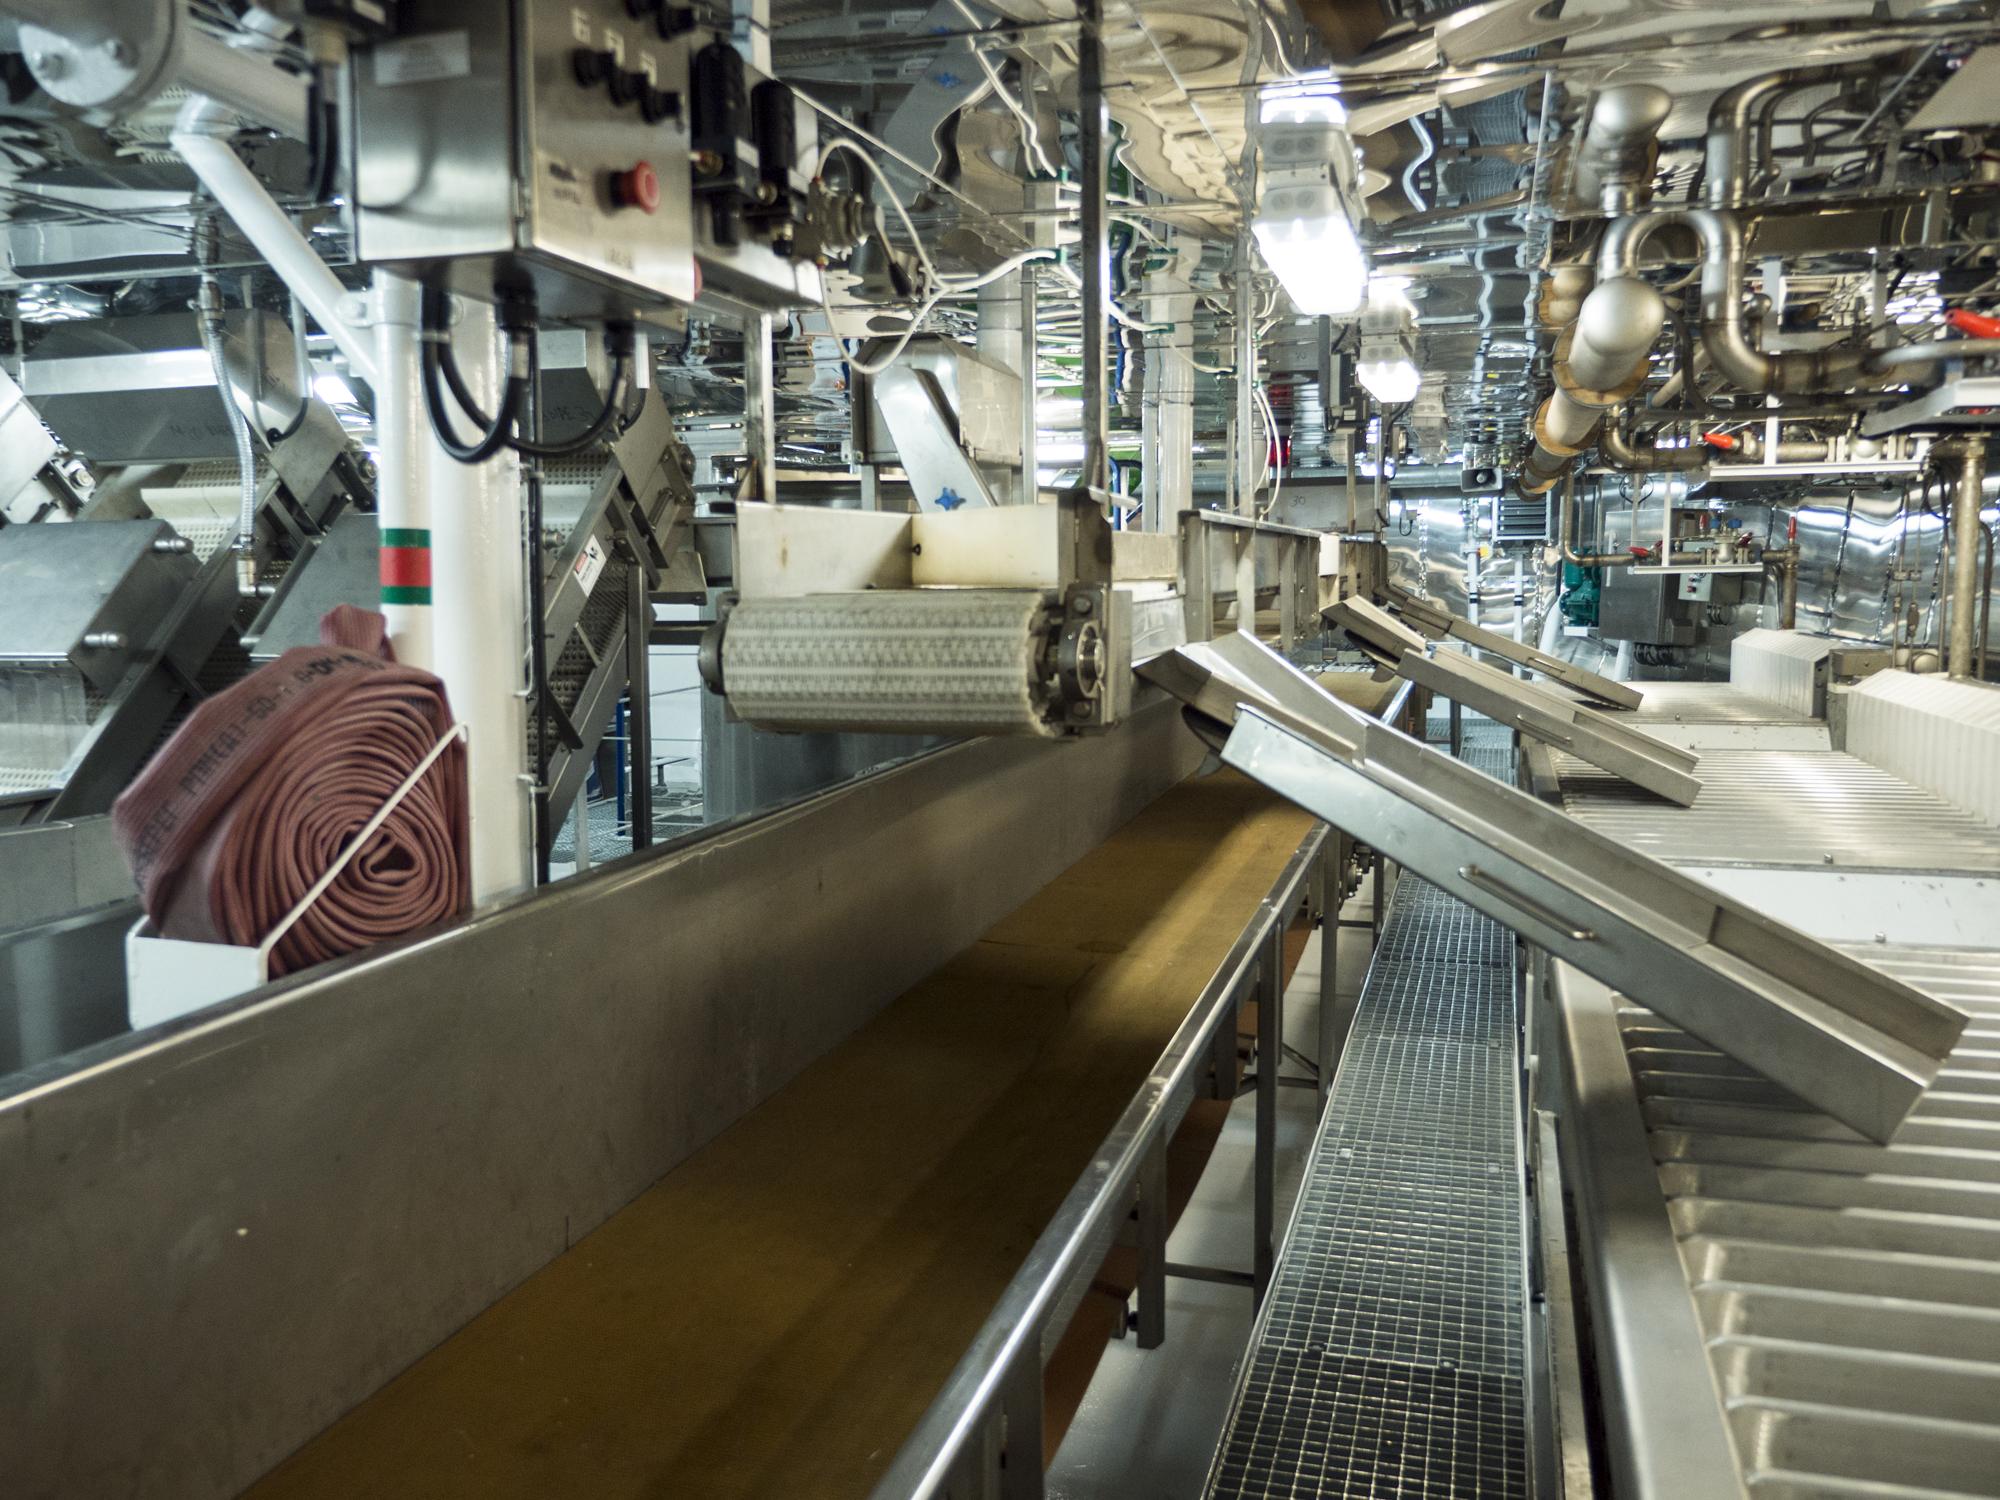 Судостроительный завод Пелла построил судно ярусного лова